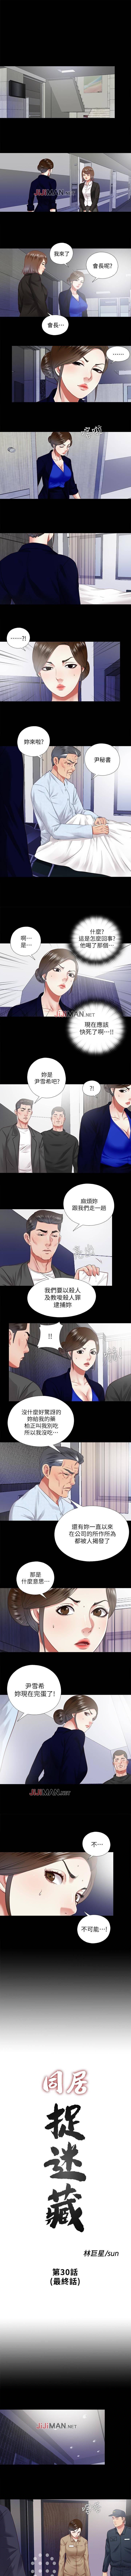 【已完结】同居捉迷藏(作者:林巨星) 第1~30话 119